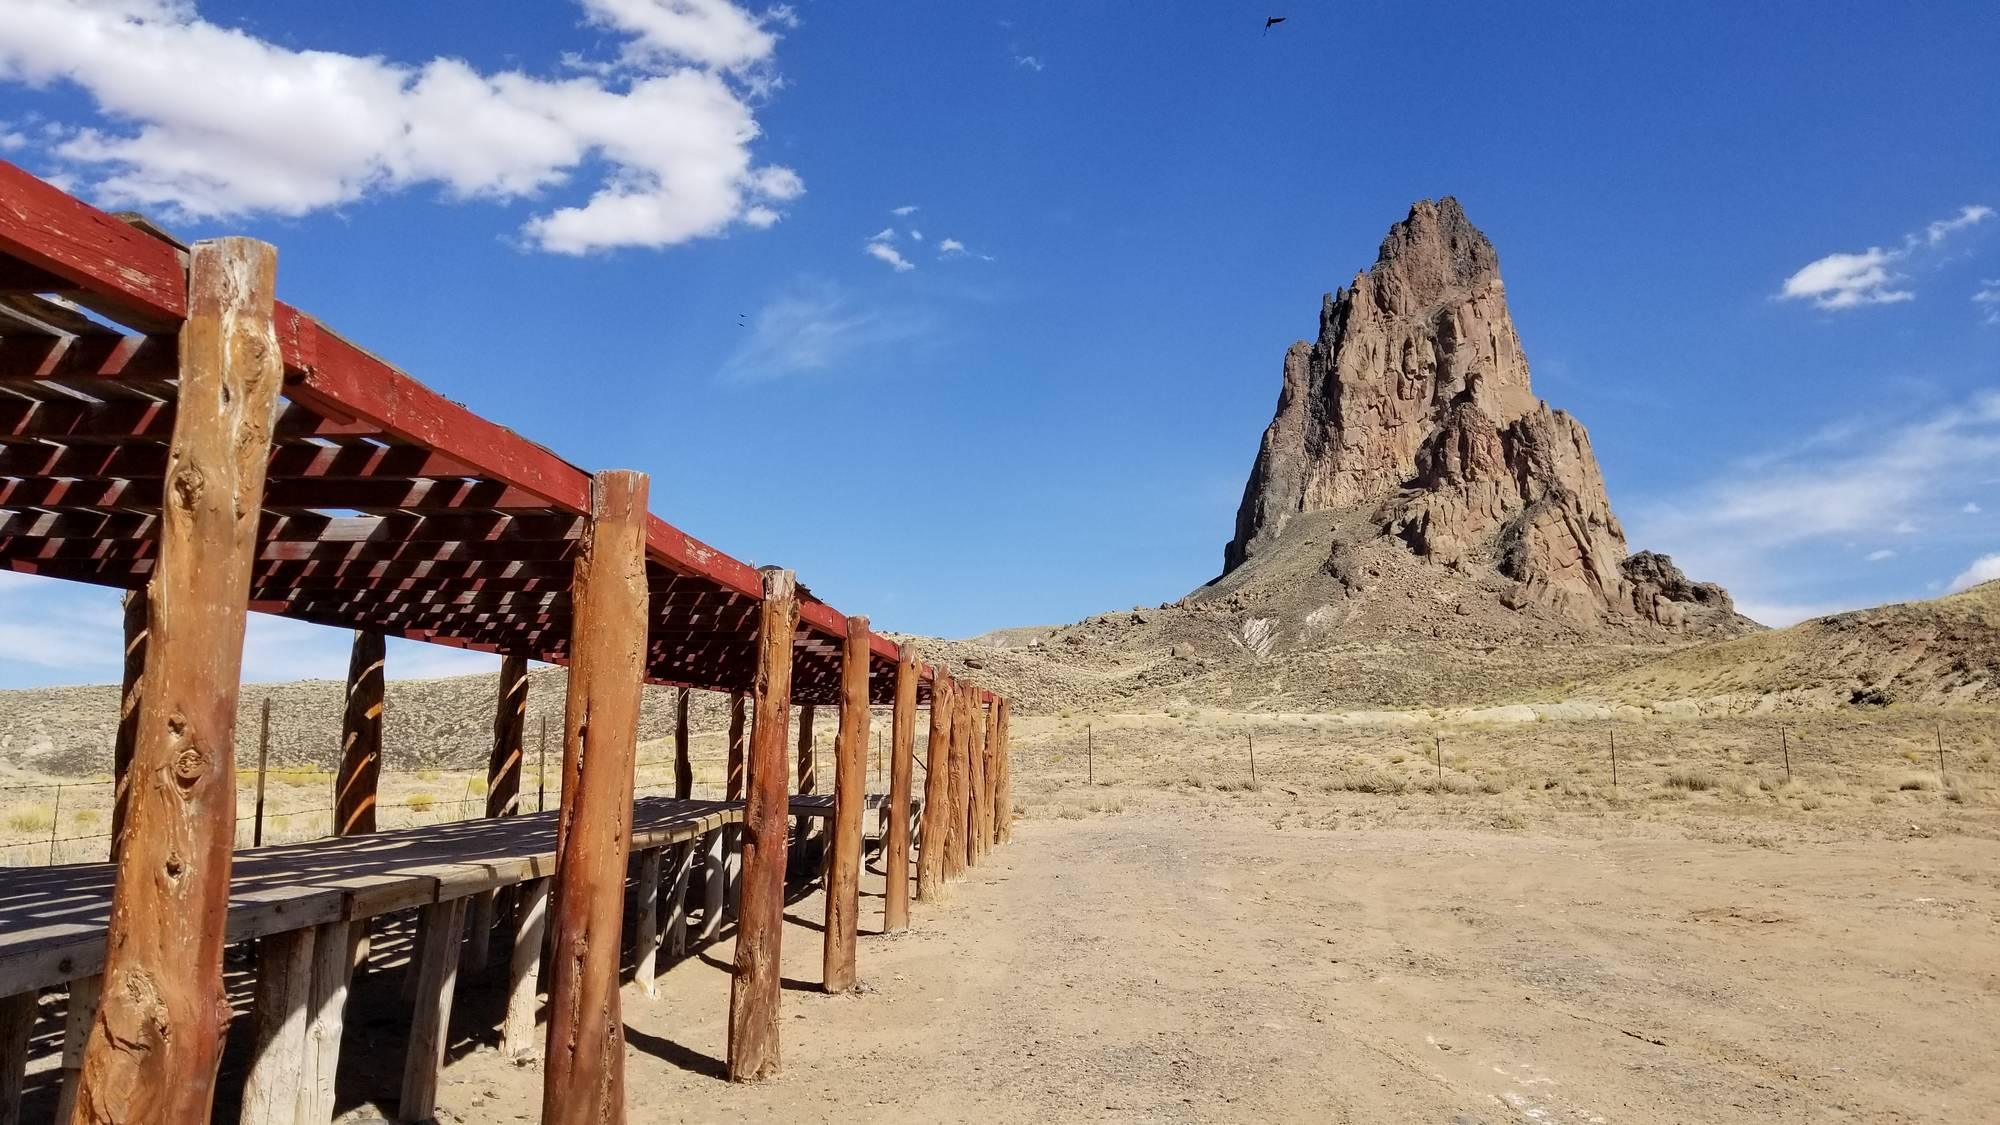 Near Kayenta, Arizona